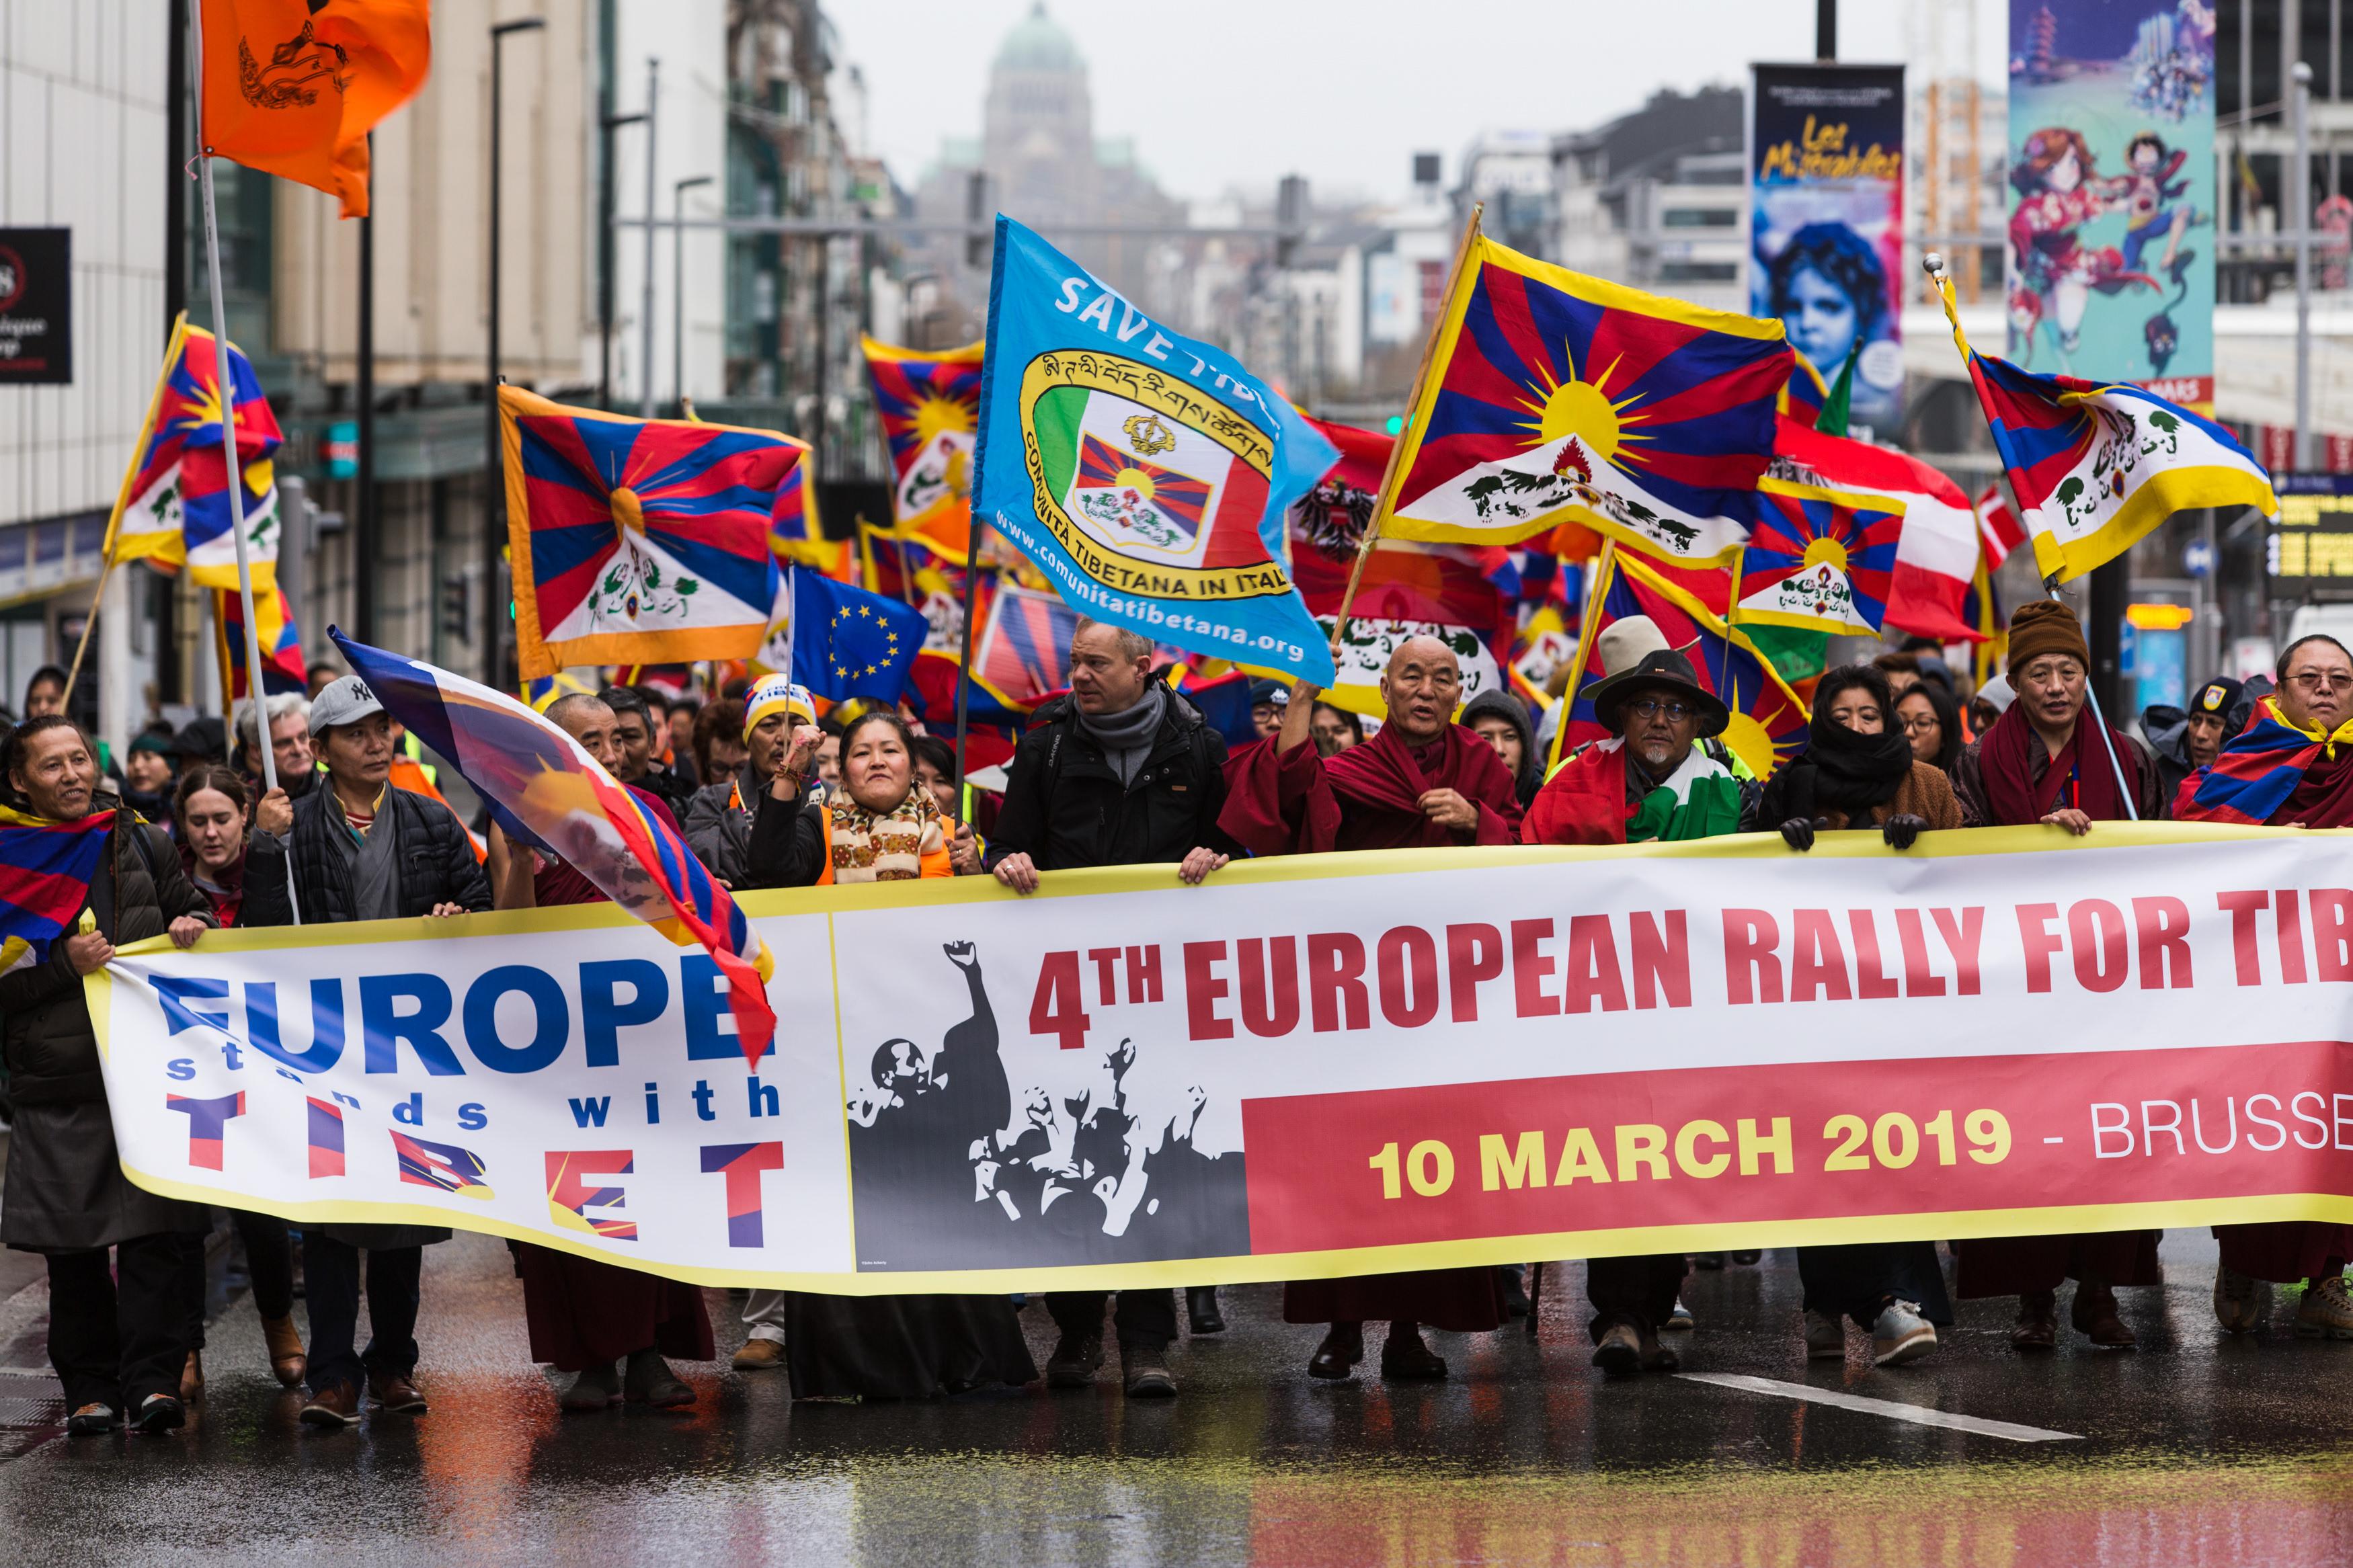 Demonstratie Brussel 10 maart 2019